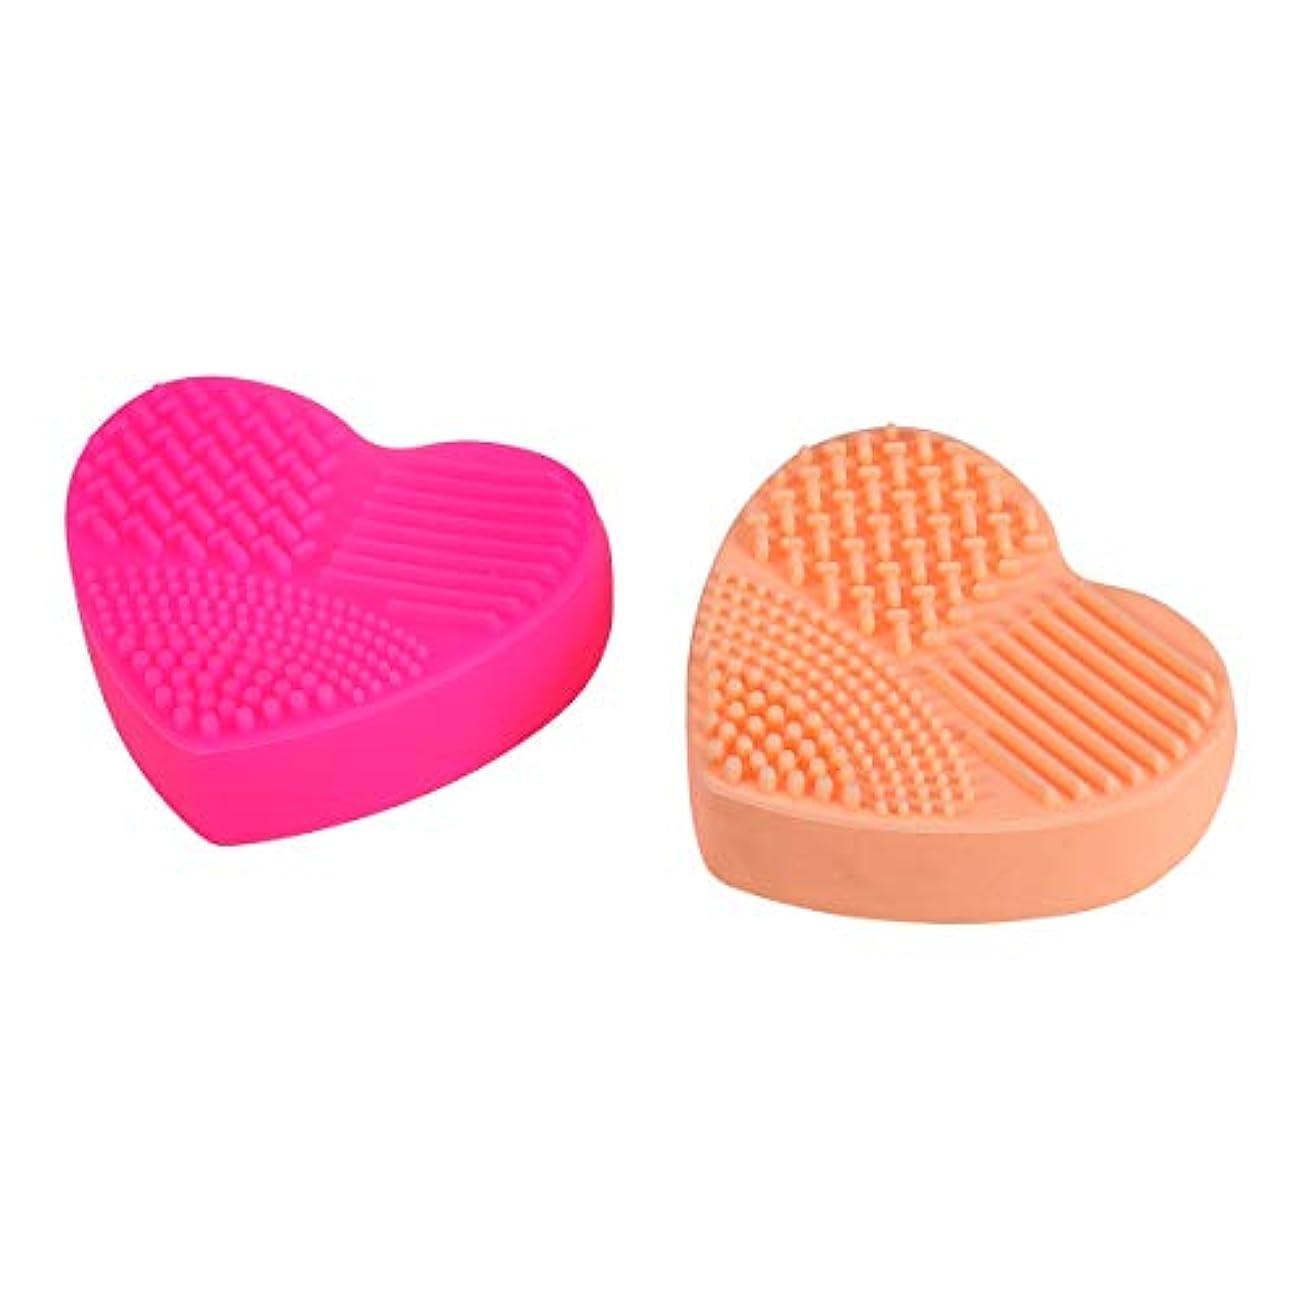 垂直陽気な修正するBeaupretty 2本シリコン化粧ブラシクリーニングマットハート型化粧ブラシクリーニングパッドポータブル洗濯道具(バラ色、オレンジ)